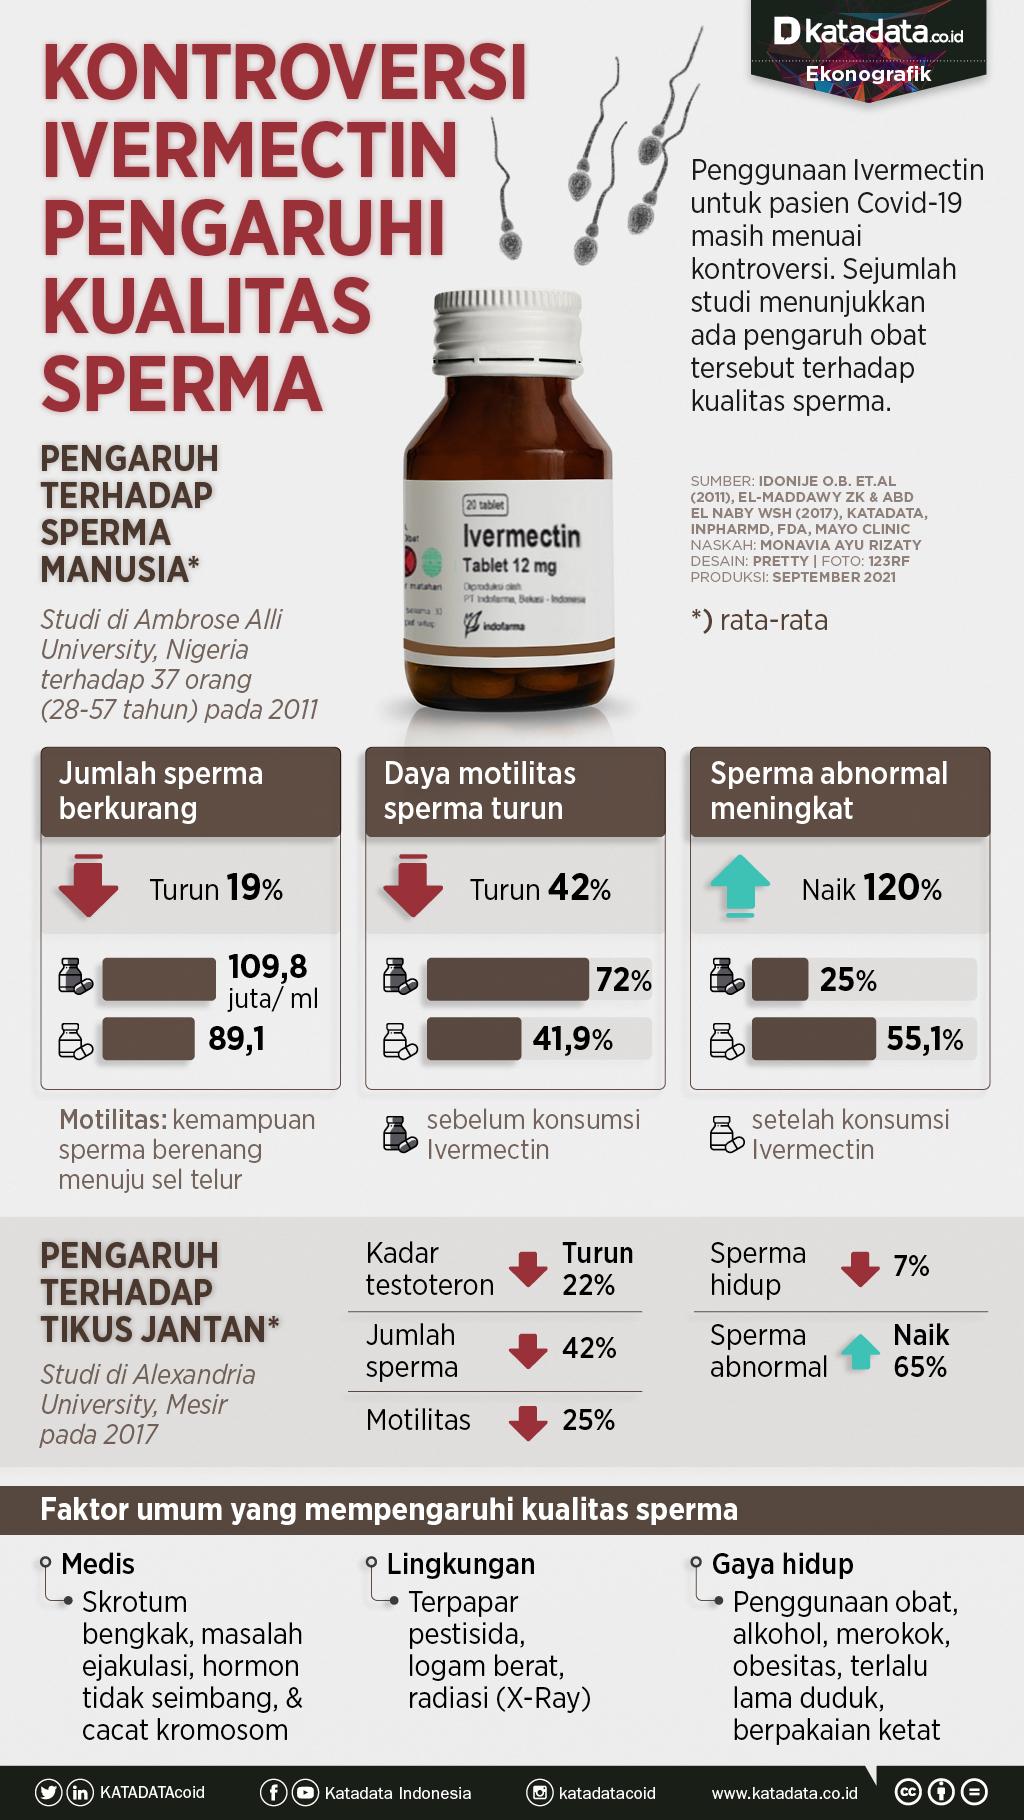 Infografik_Kontroversi ivermectin pengaruhi kualitas sperma